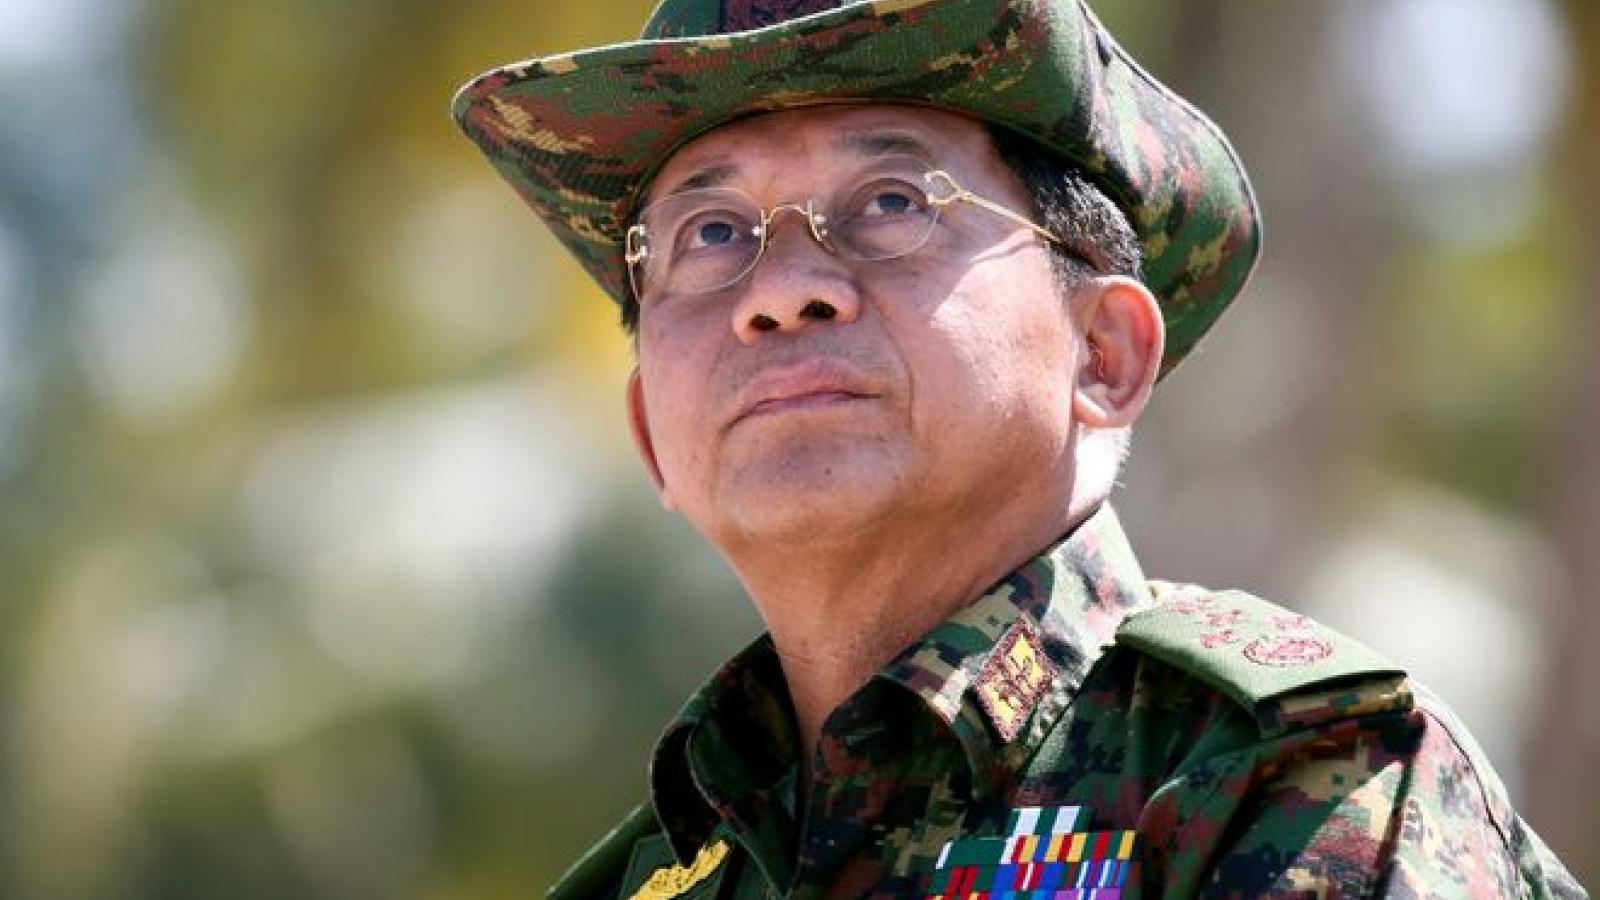 Quân đội Myanmar ban bố tình trạng khẩn cấp sau khi bắt giữ các lãnh đạo cấp cao